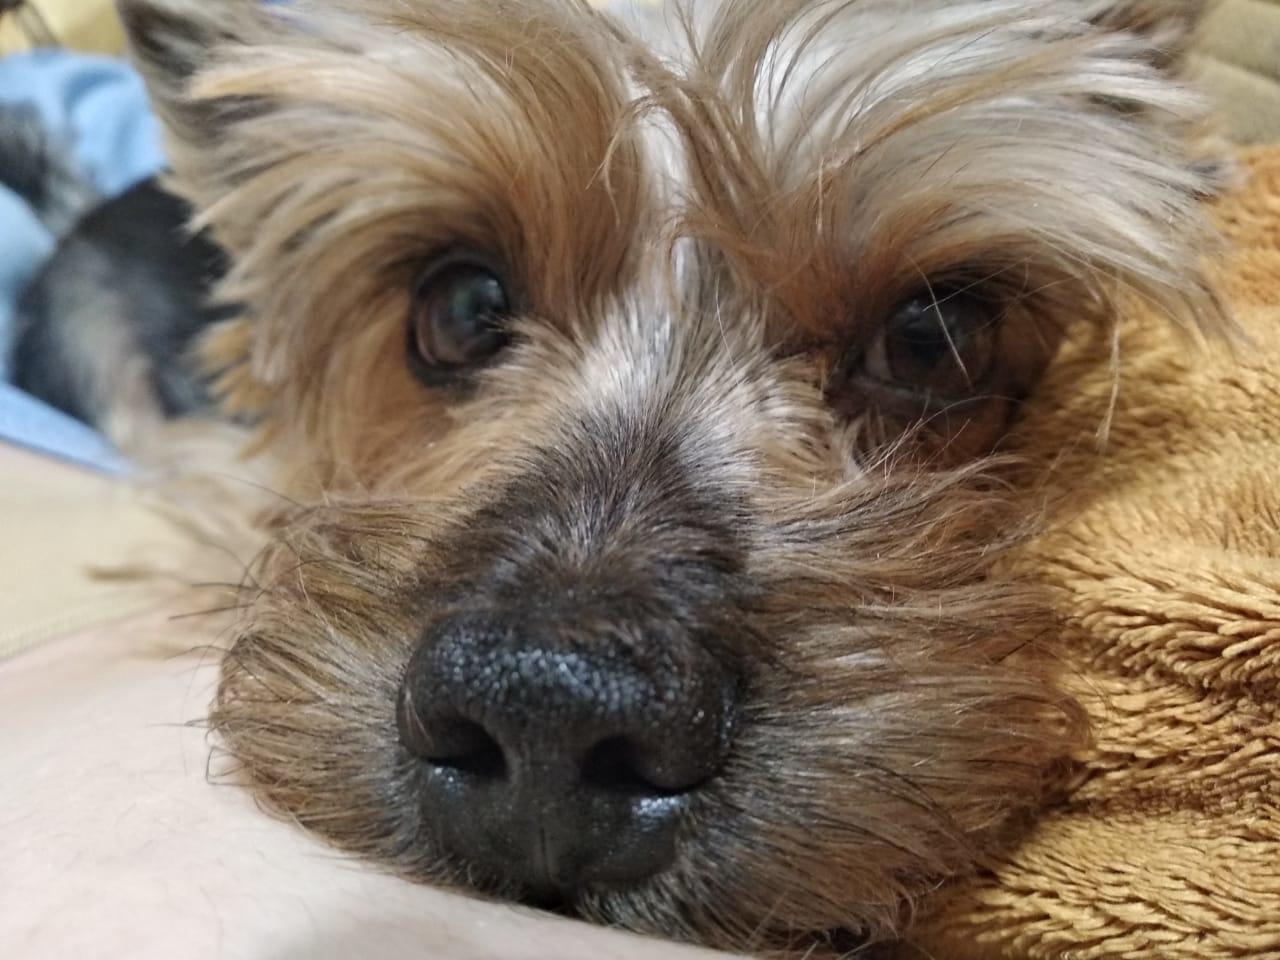 За мошенничество при продаже несуществующего породистого щенка норильчанку отправили работать на благо общества